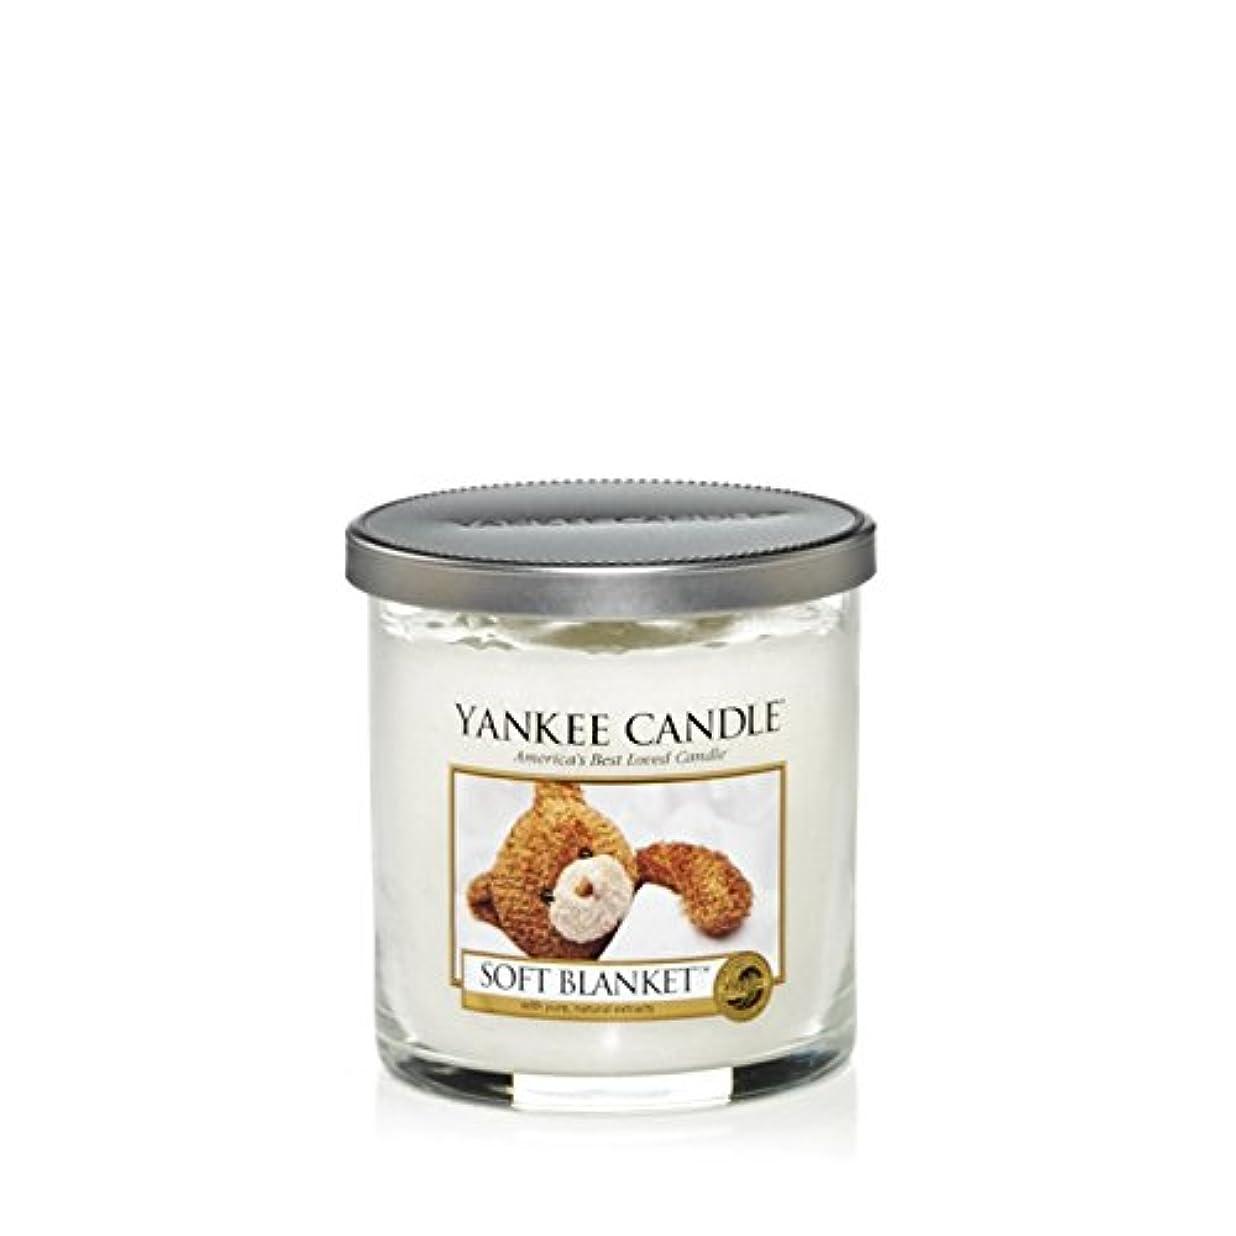 棚修正均等にYankee Candles Small Pillar Candle - Soft Blanket (Pack of 2) - ヤンキーキャンドルの小さな柱キャンドル - ソフト毛布 (x2) [並行輸入品]